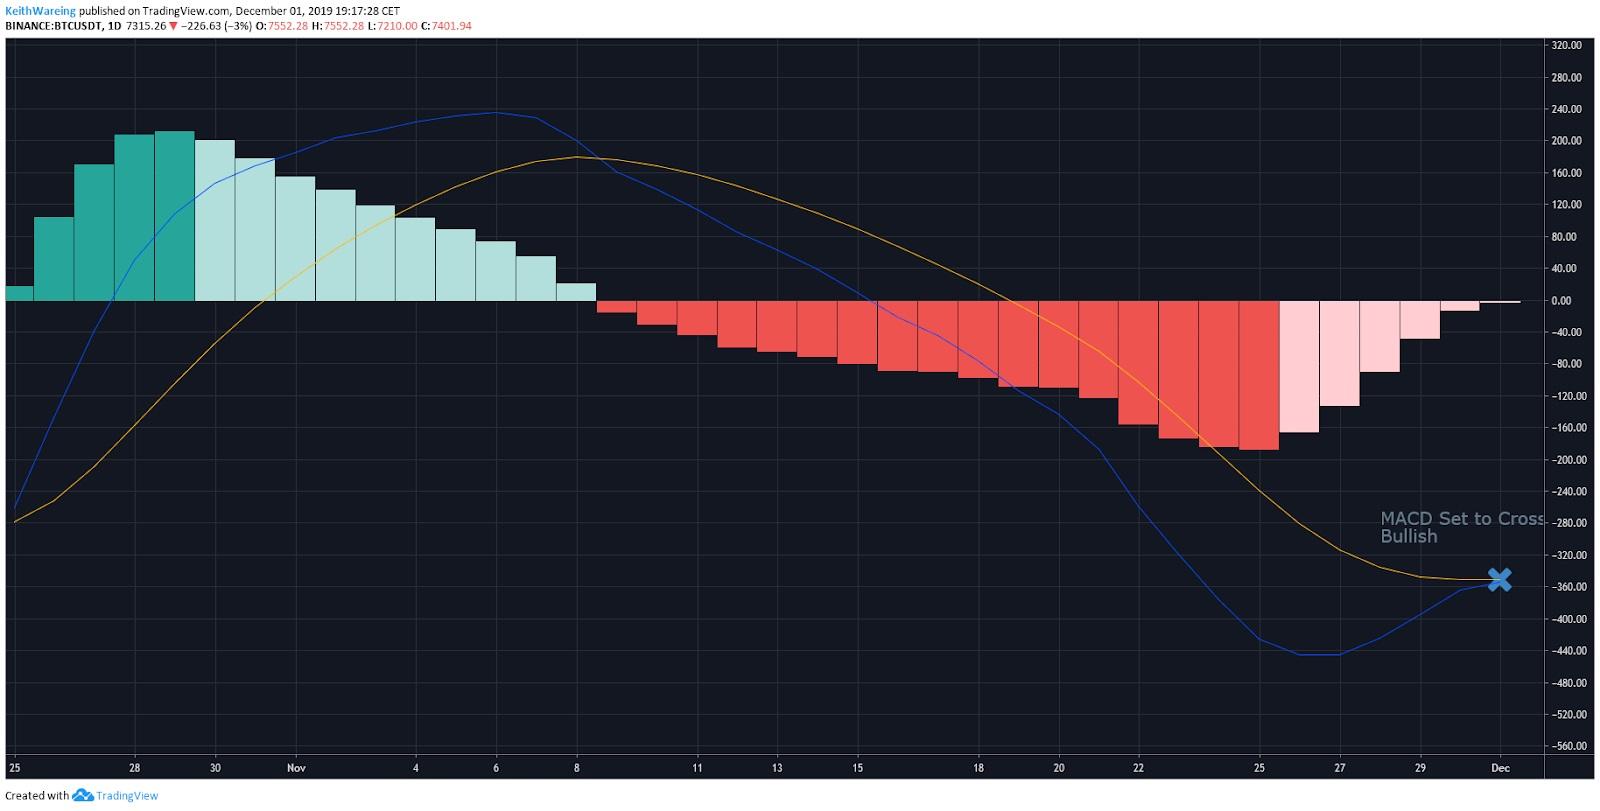 Мнение аналитика: Несколько ключевых индикаторов сигнализируют о скором росте цены биткоина